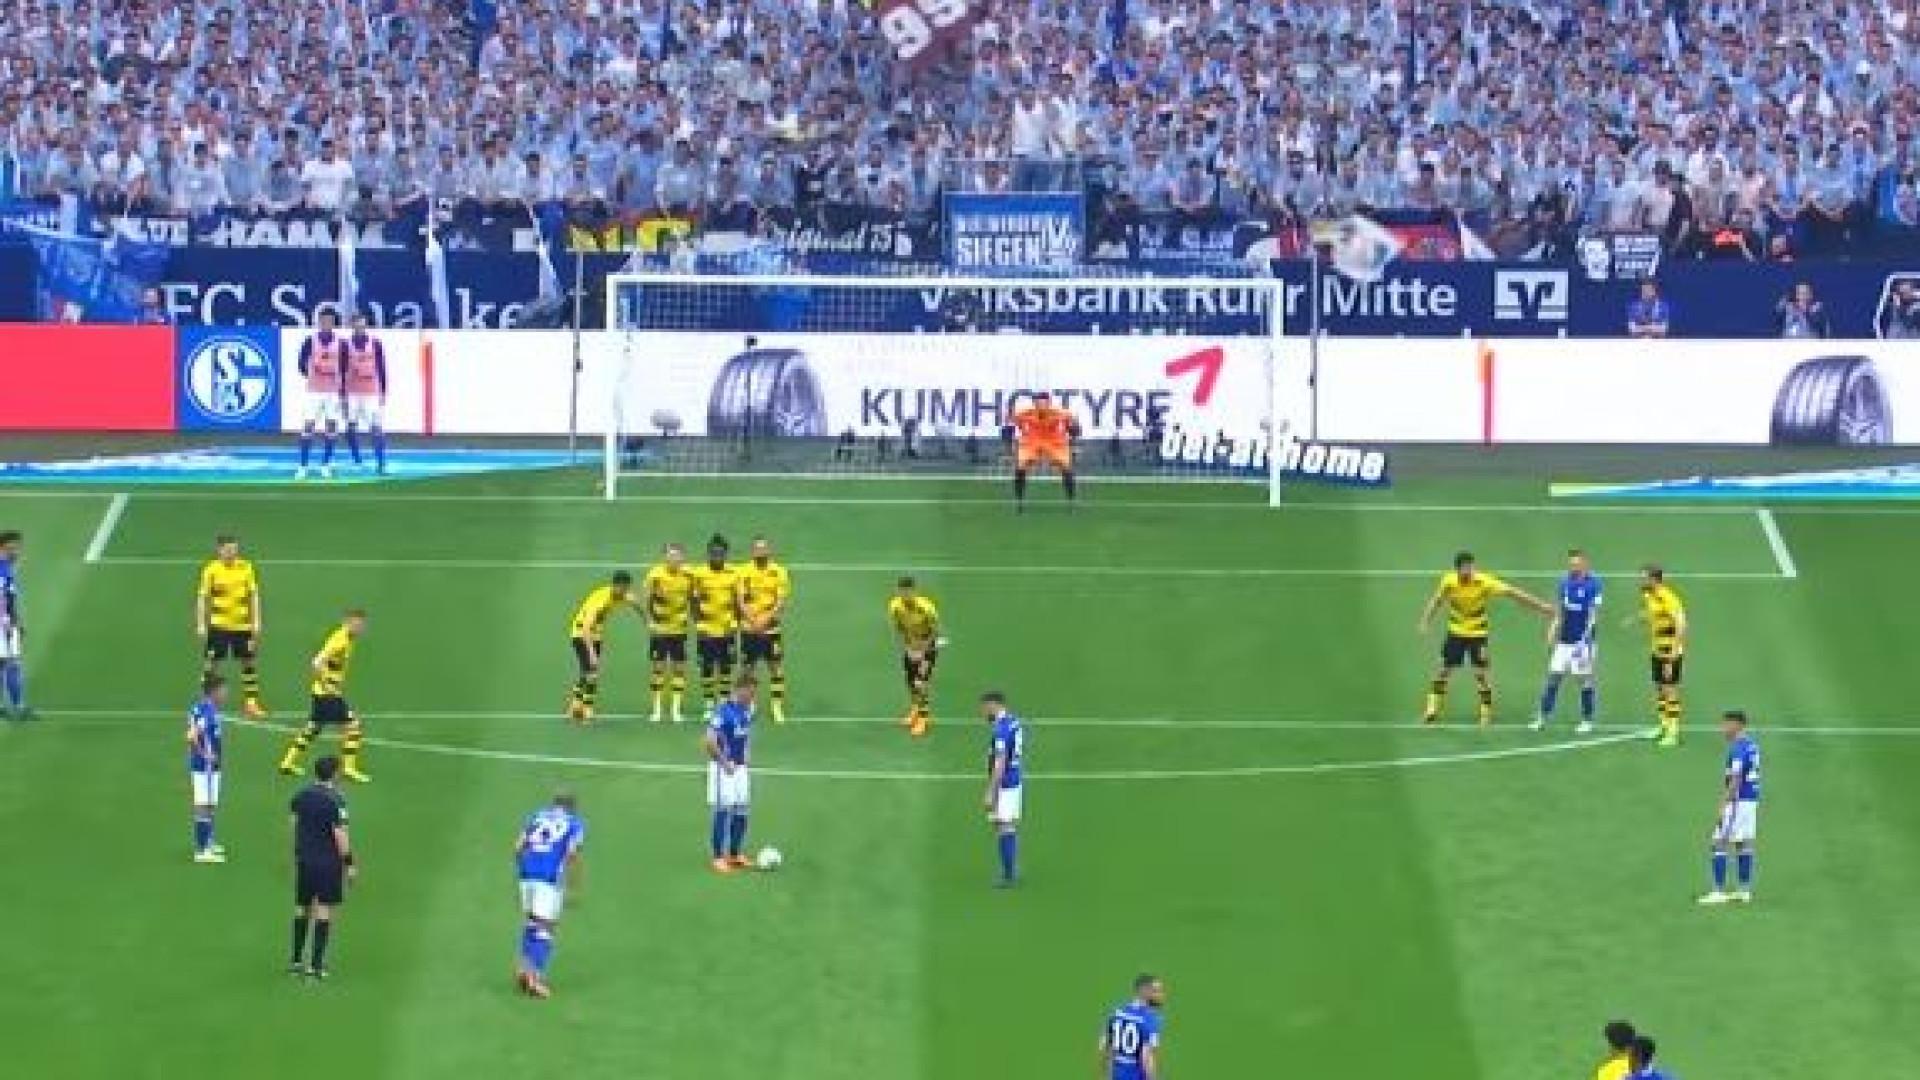 Golo de Naldo frente ao Dortmund chegou aos 126 km/h